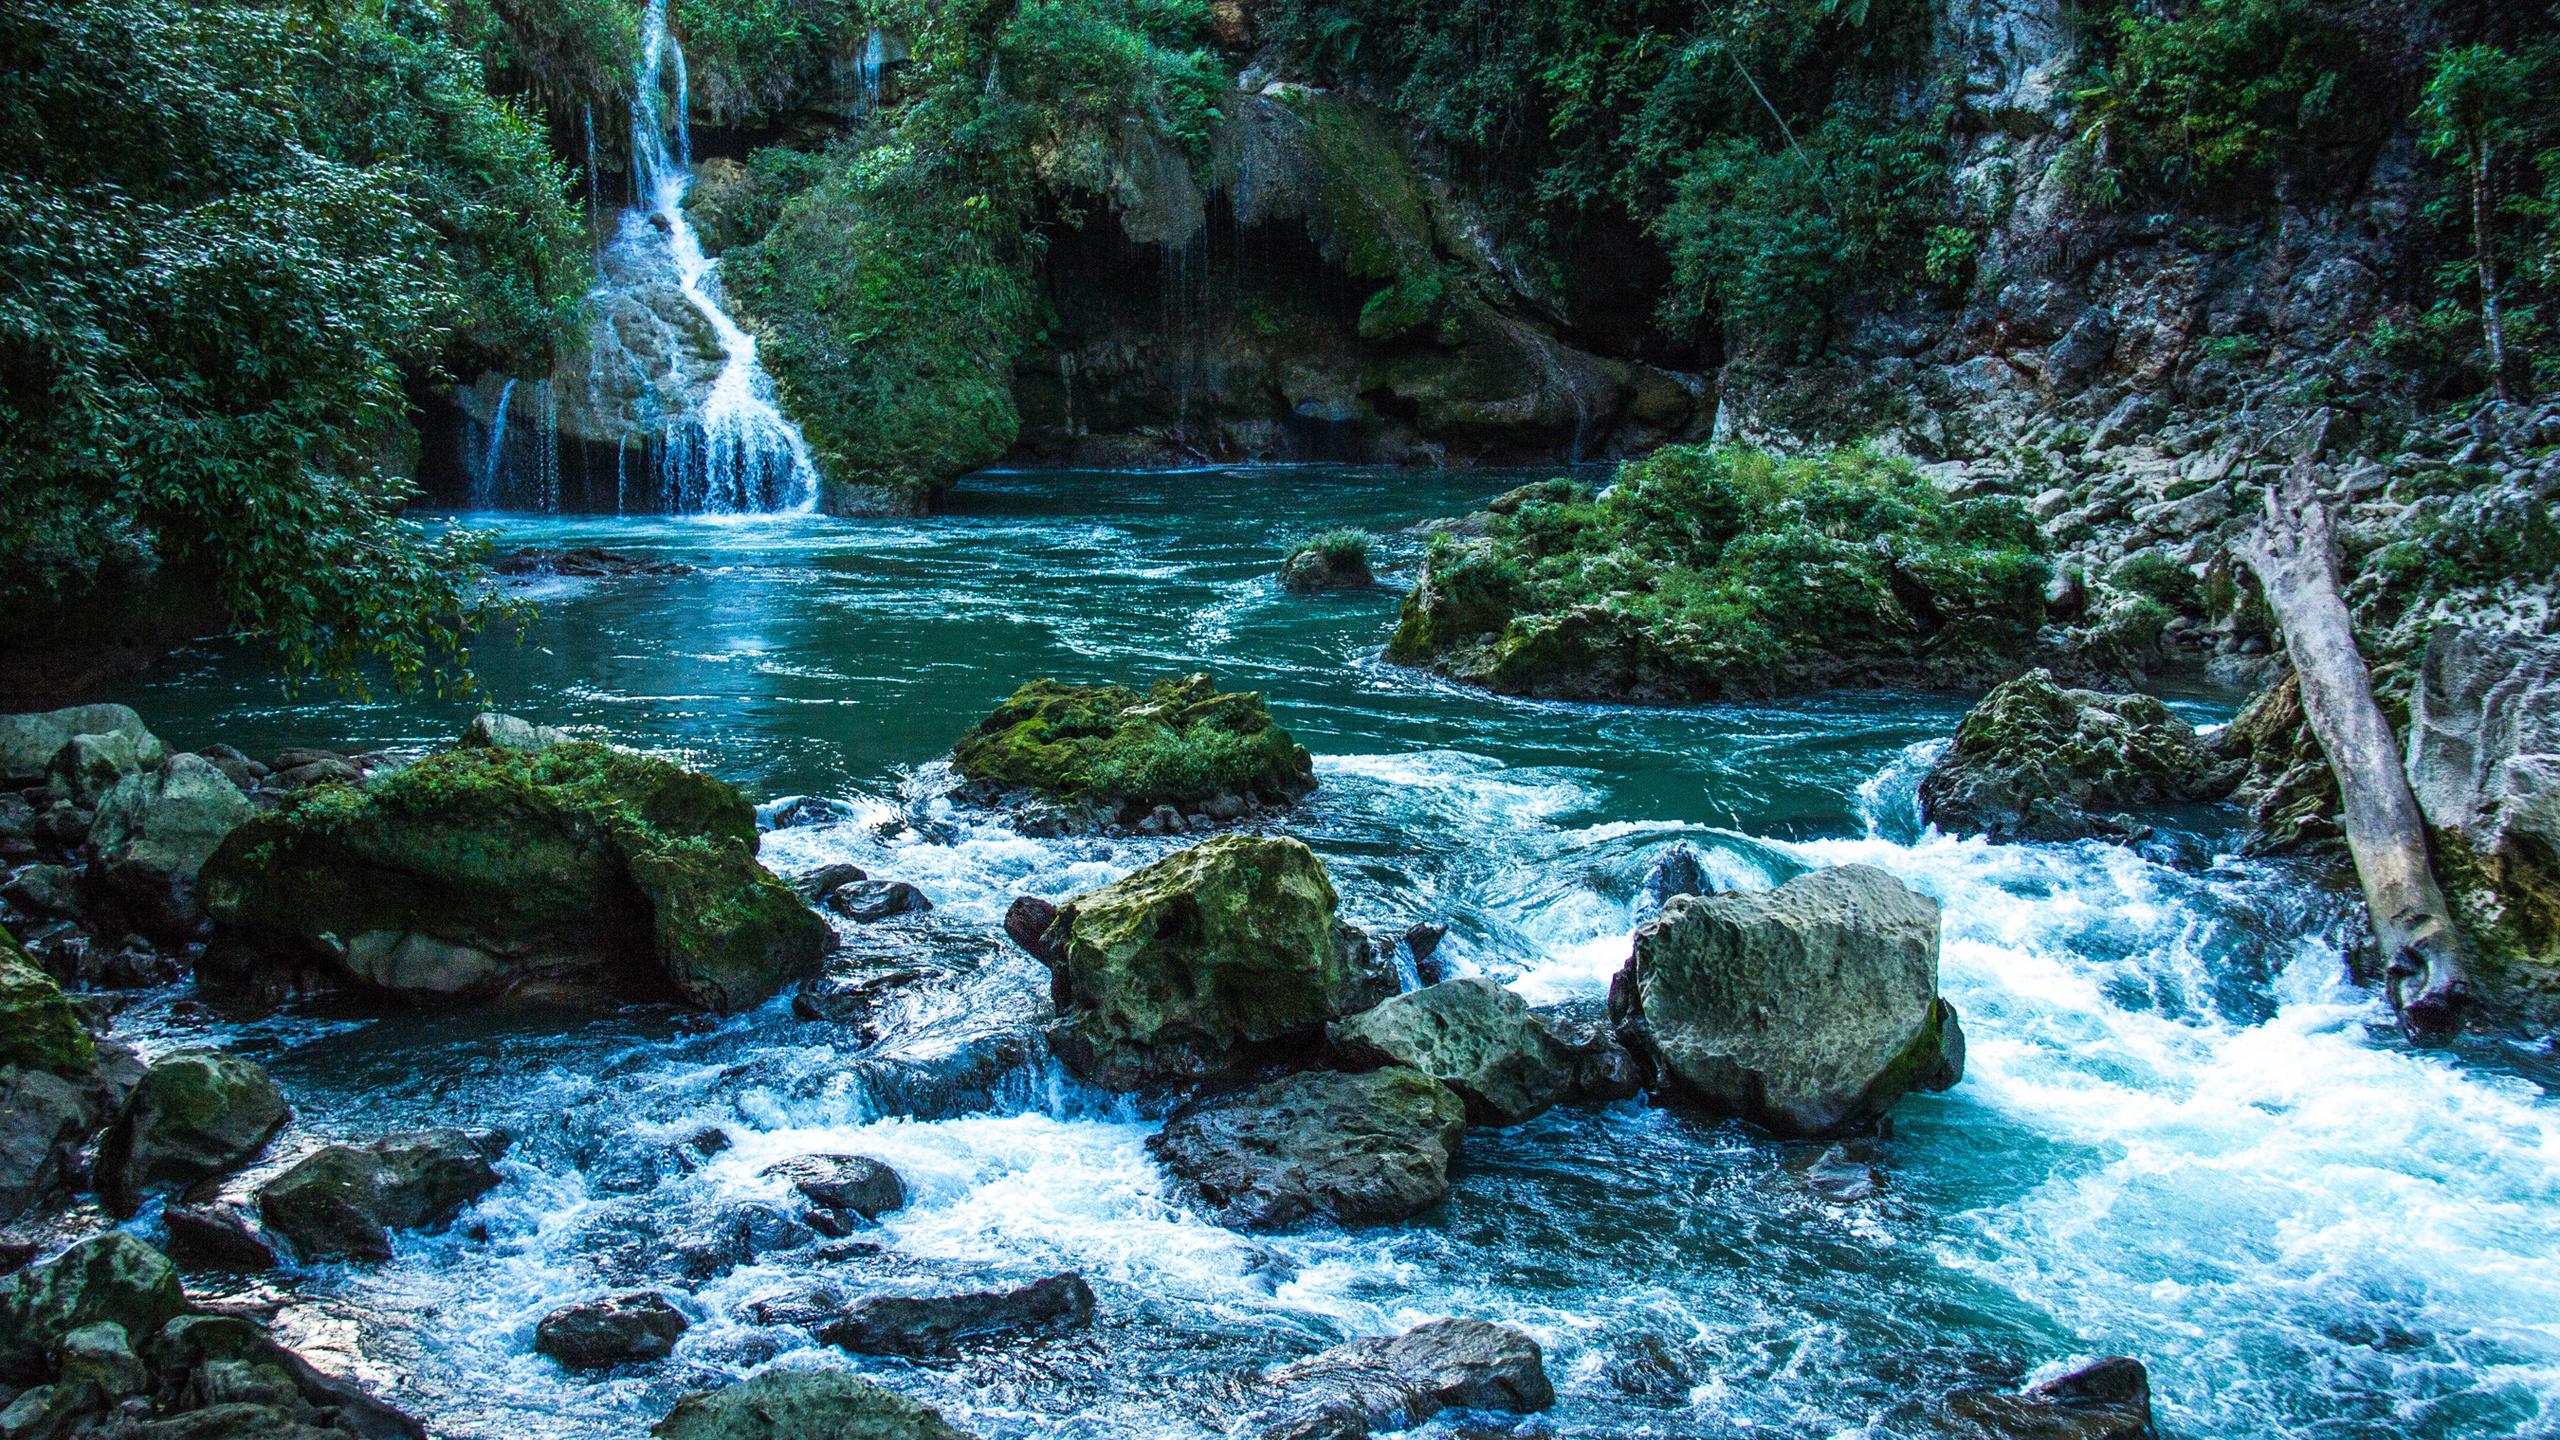 камни, river guatemala, скала, мох, природа